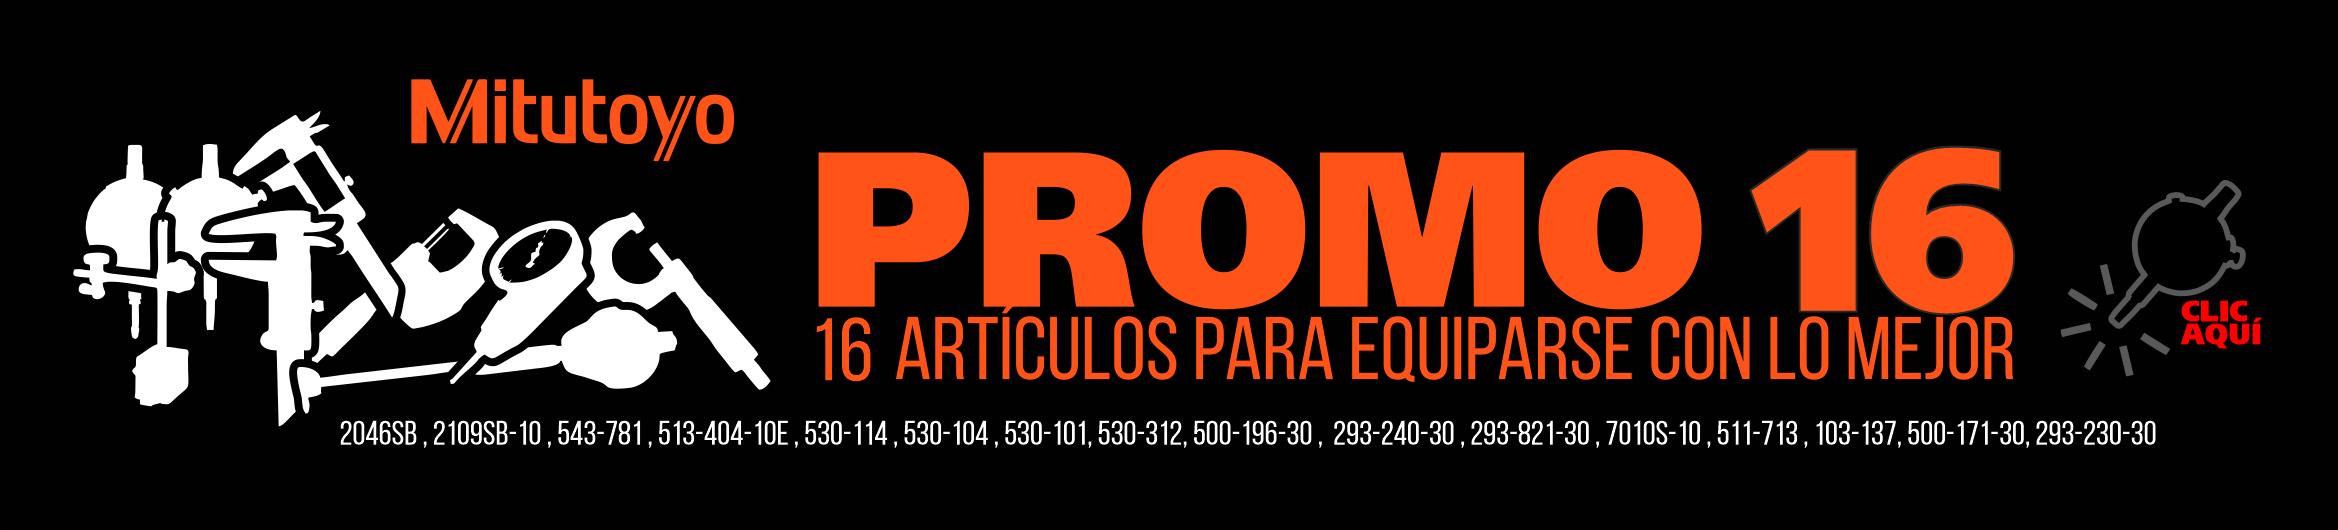 PROMO16